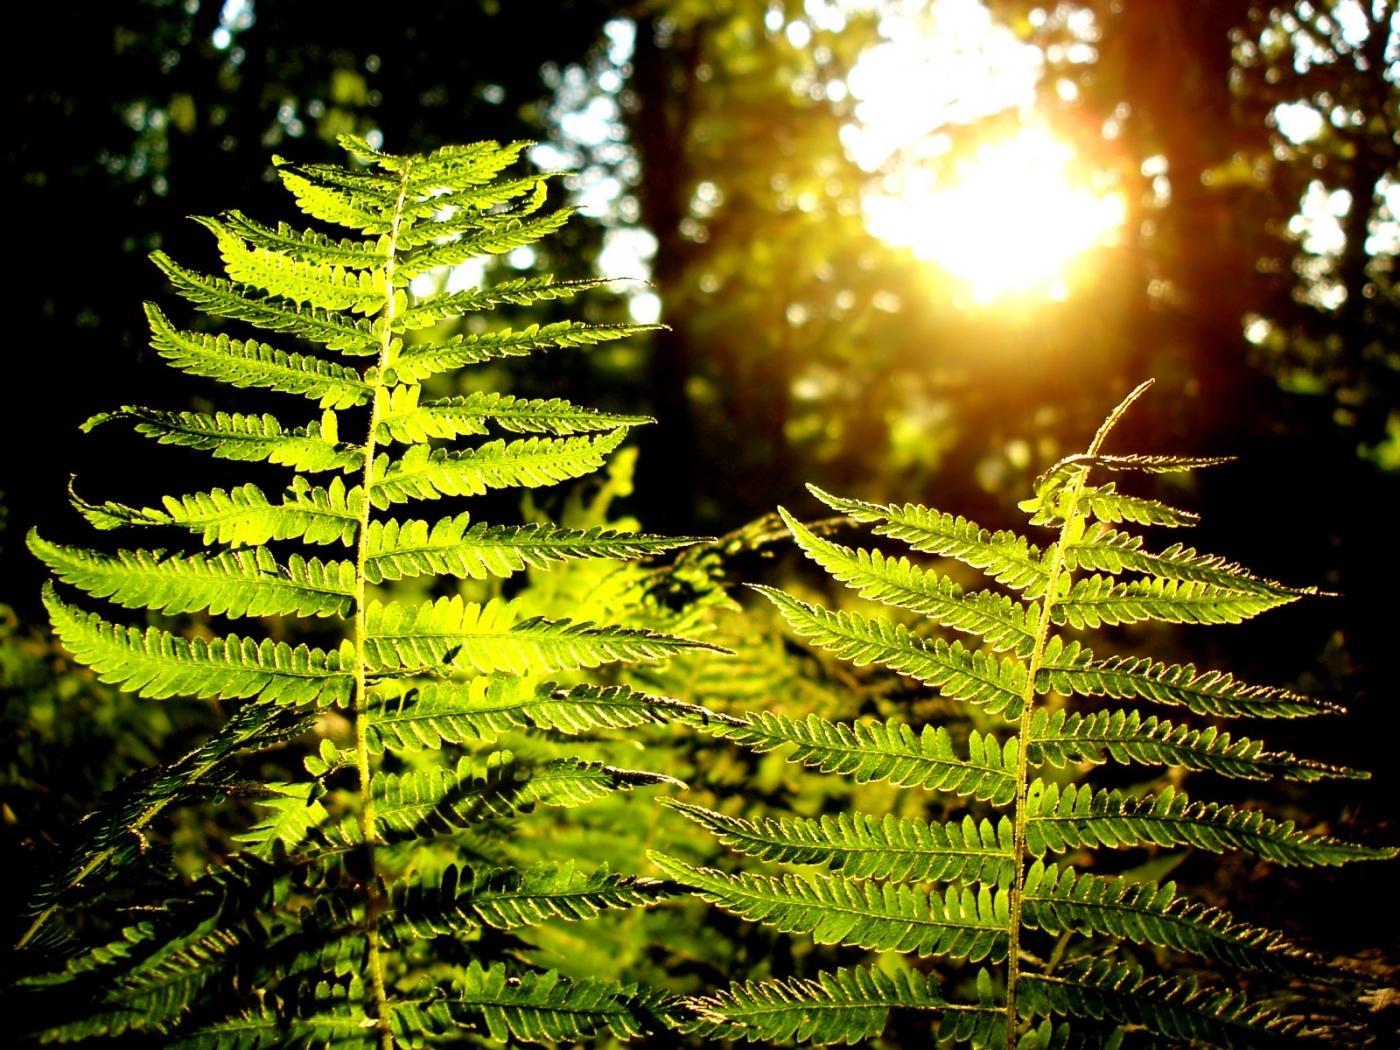 26814 Hintergrundbild herunterladen Pflanzen, Farne - Bildschirmschoner und Bilder kostenlos